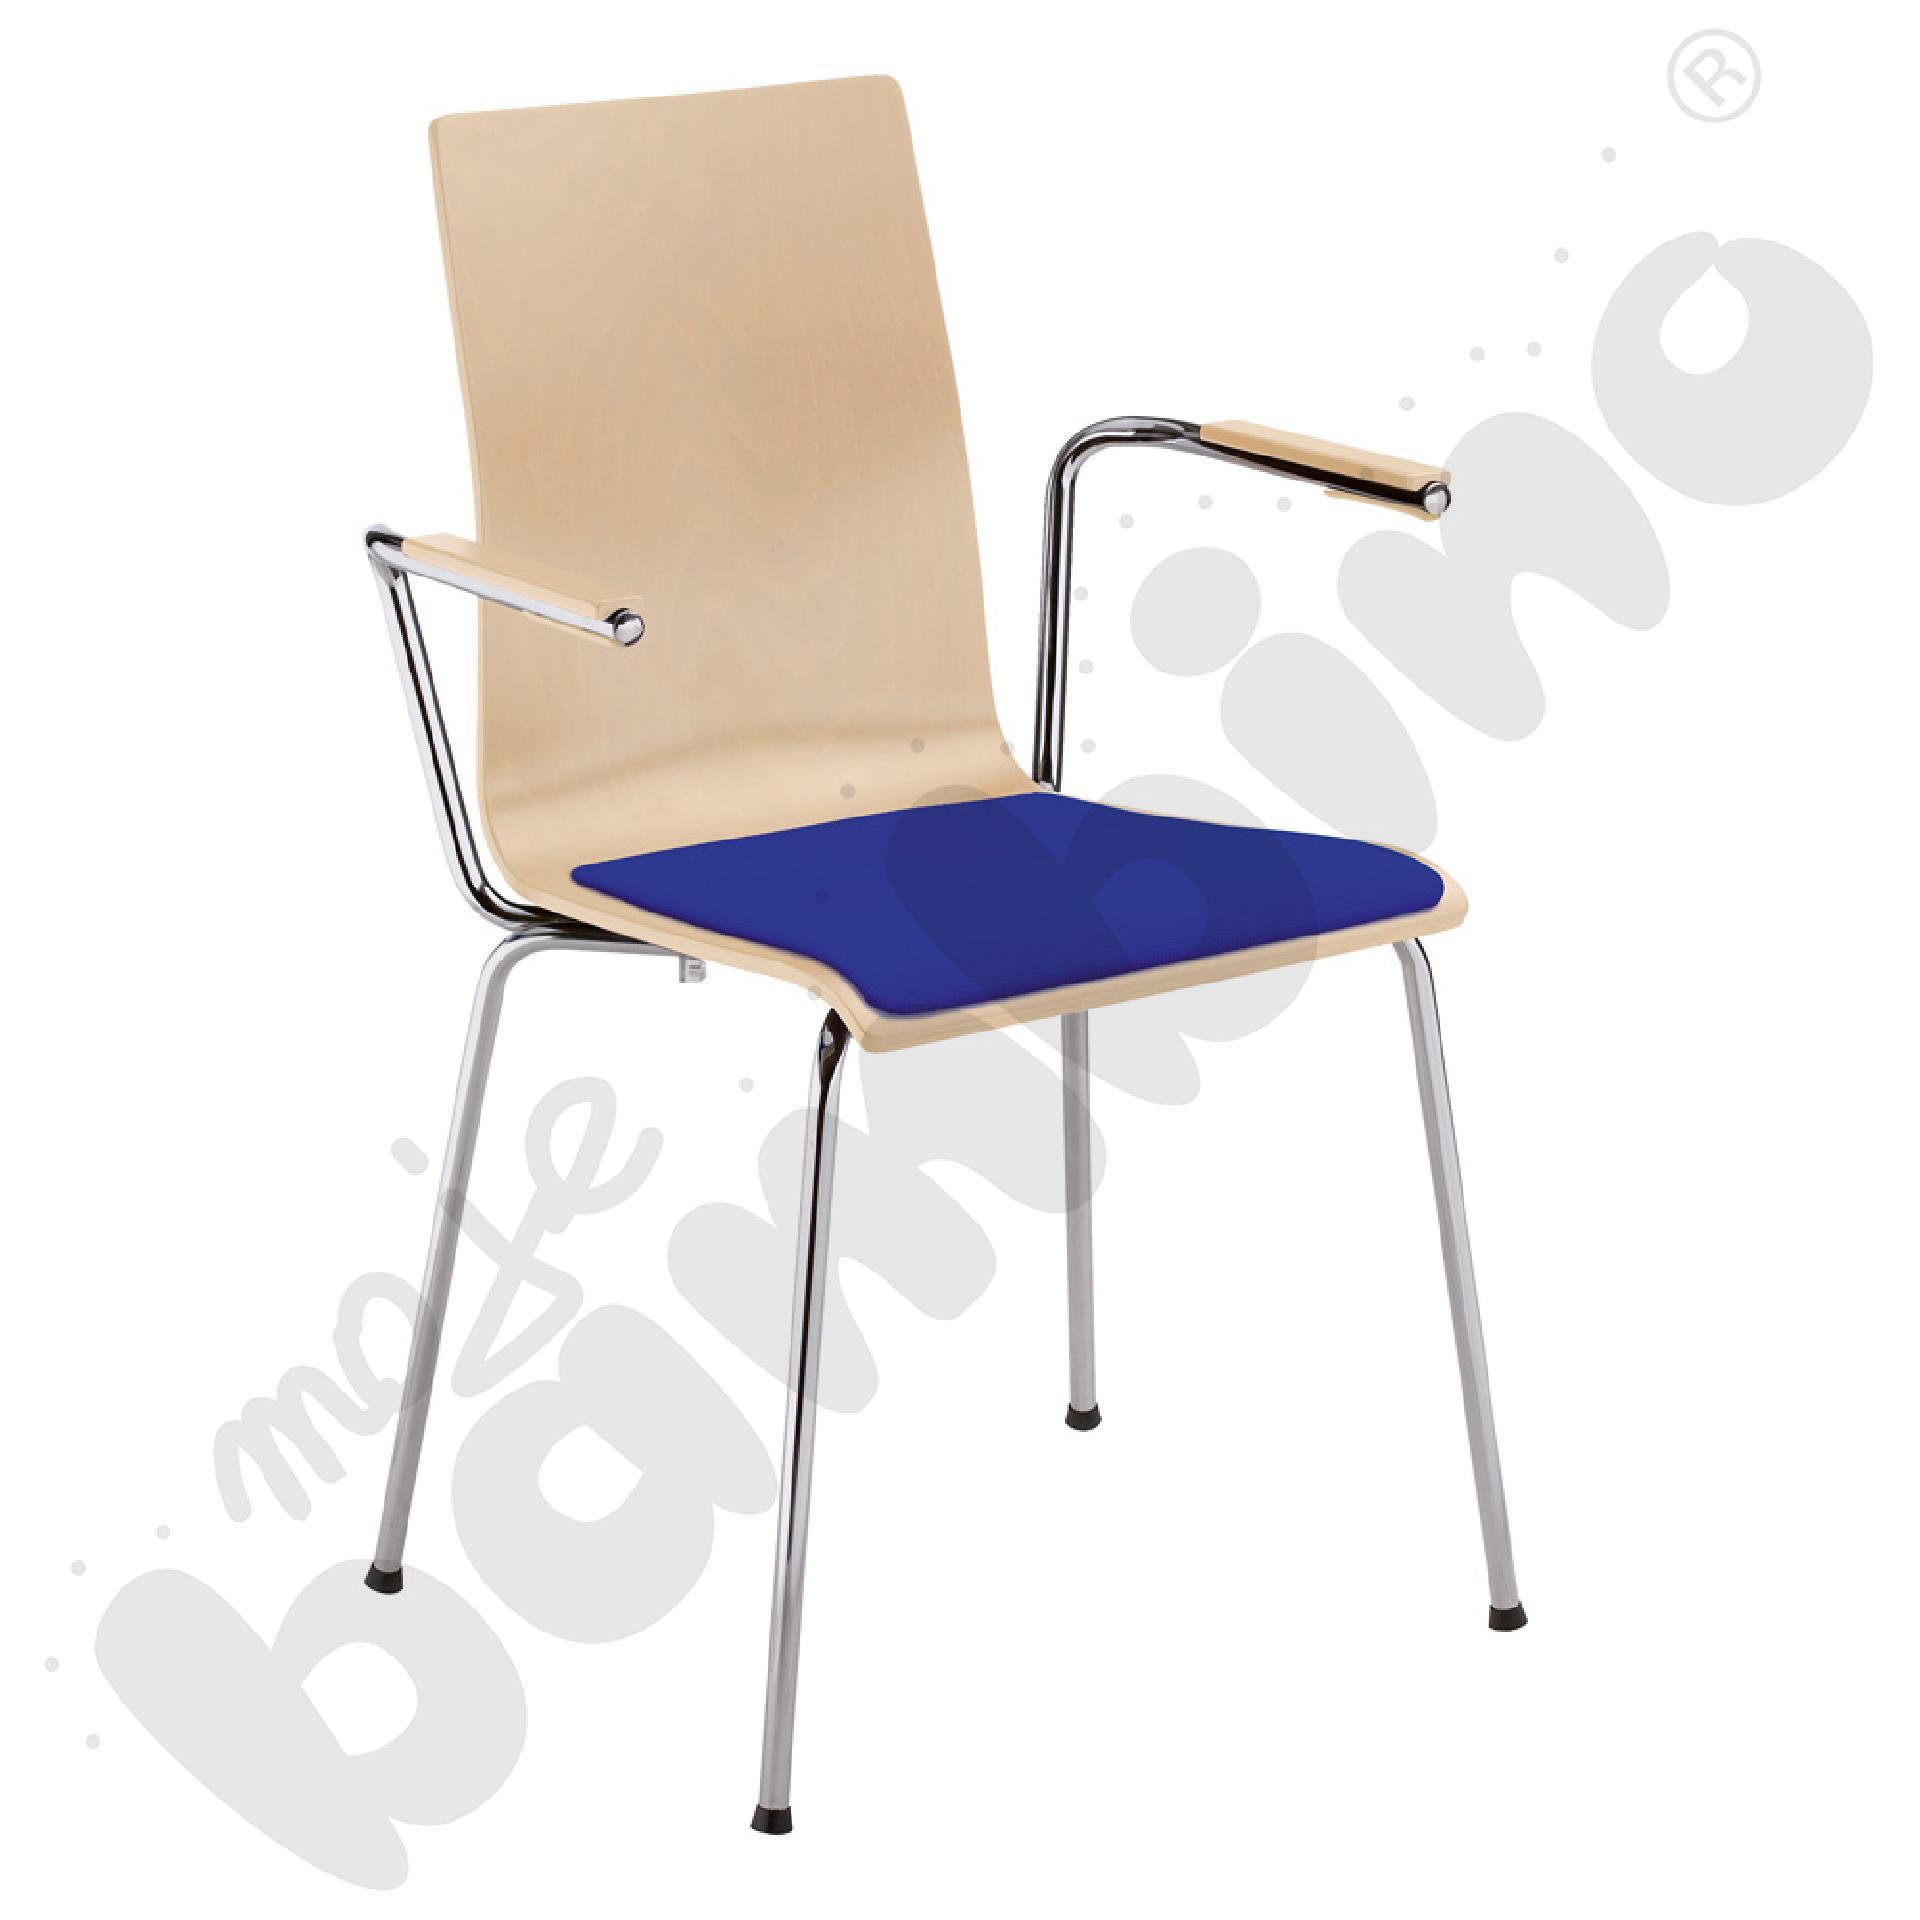 Krzesło Cafe VII arm seat...